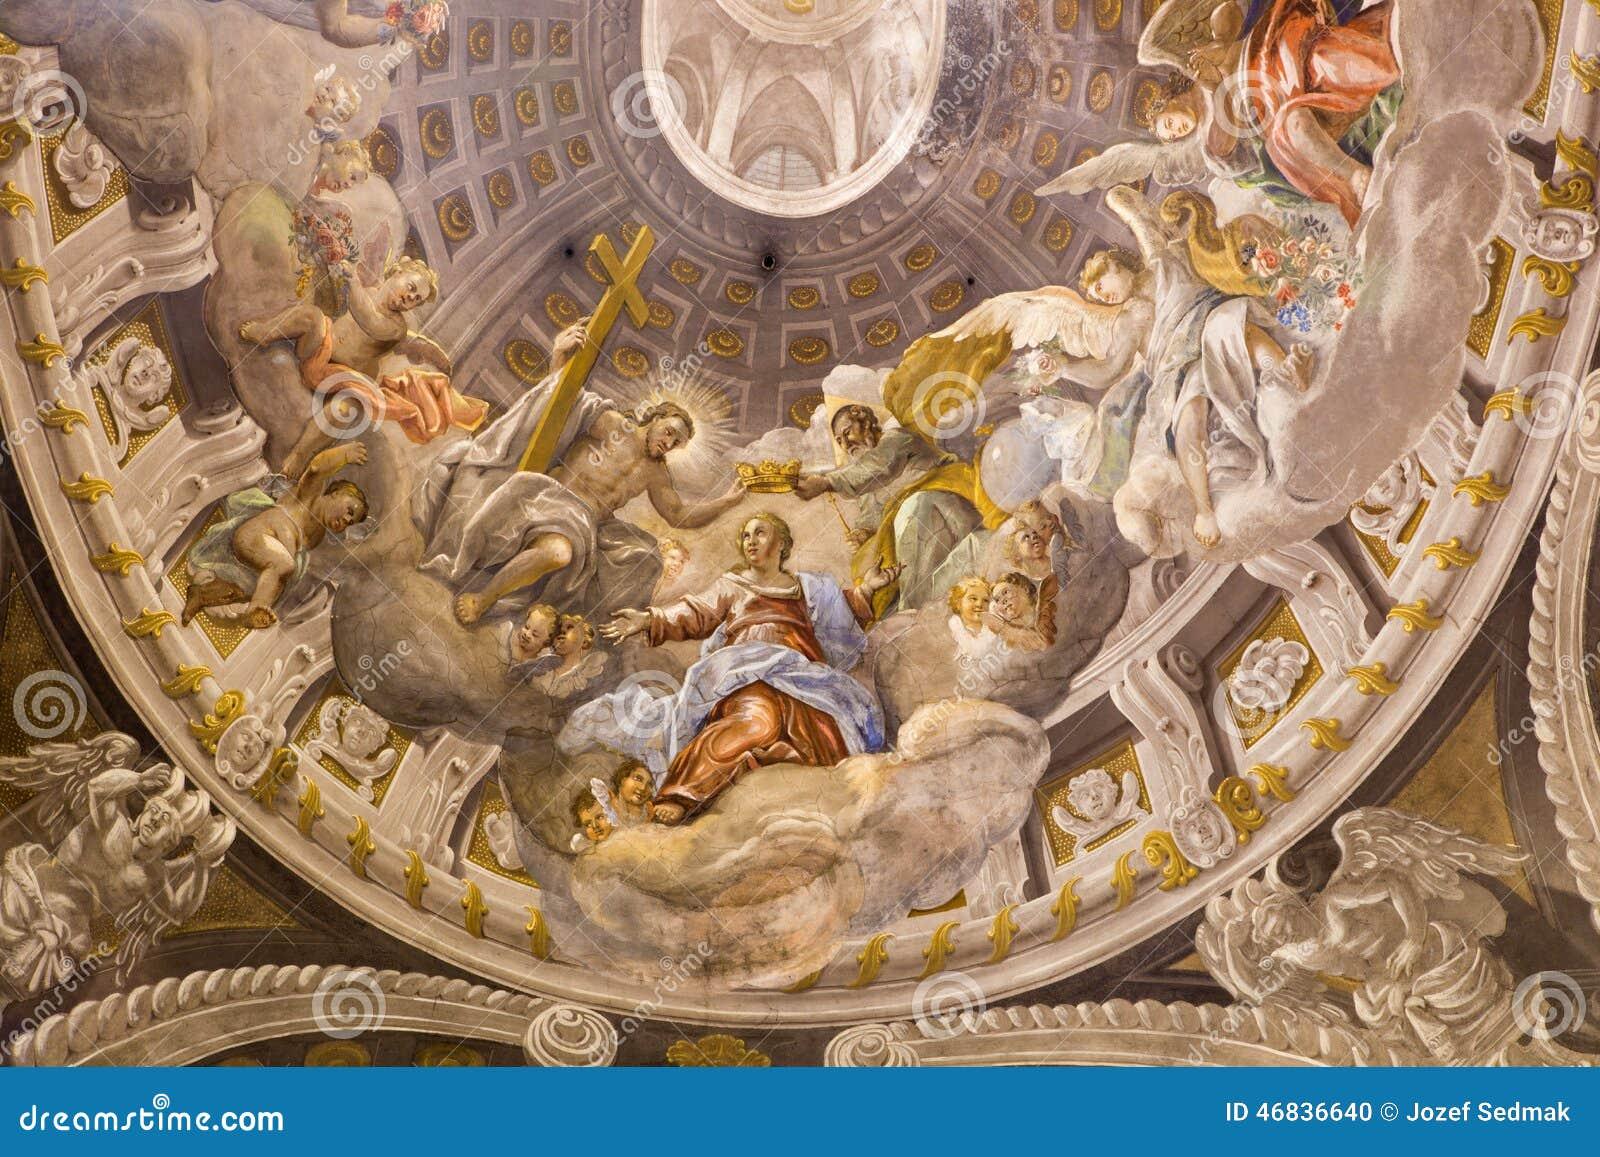 Trnava - le fresque baroque du couronnement de Vierge Marie par A Hess dans l église de Saint-Nicolas et la chapelle latérale de